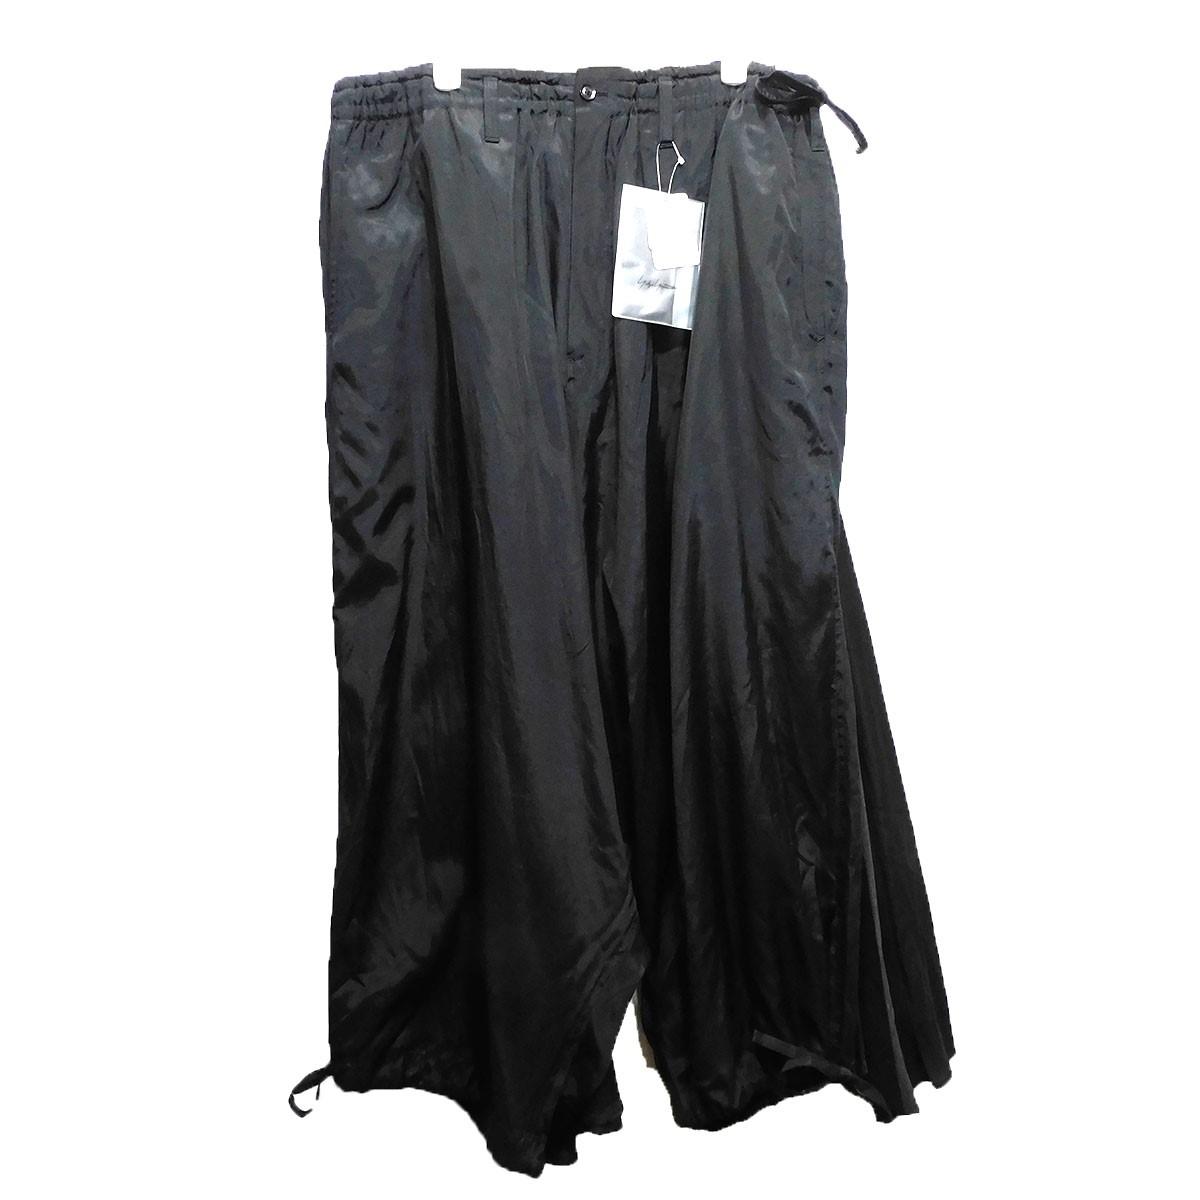 【11月14日 お値段見直しました】【中古】Yohji Yamamoto pour homme19SS 「Rayon Cotton Poplin W-sarrouel KARASU Pants」 ブラック サイズ:5